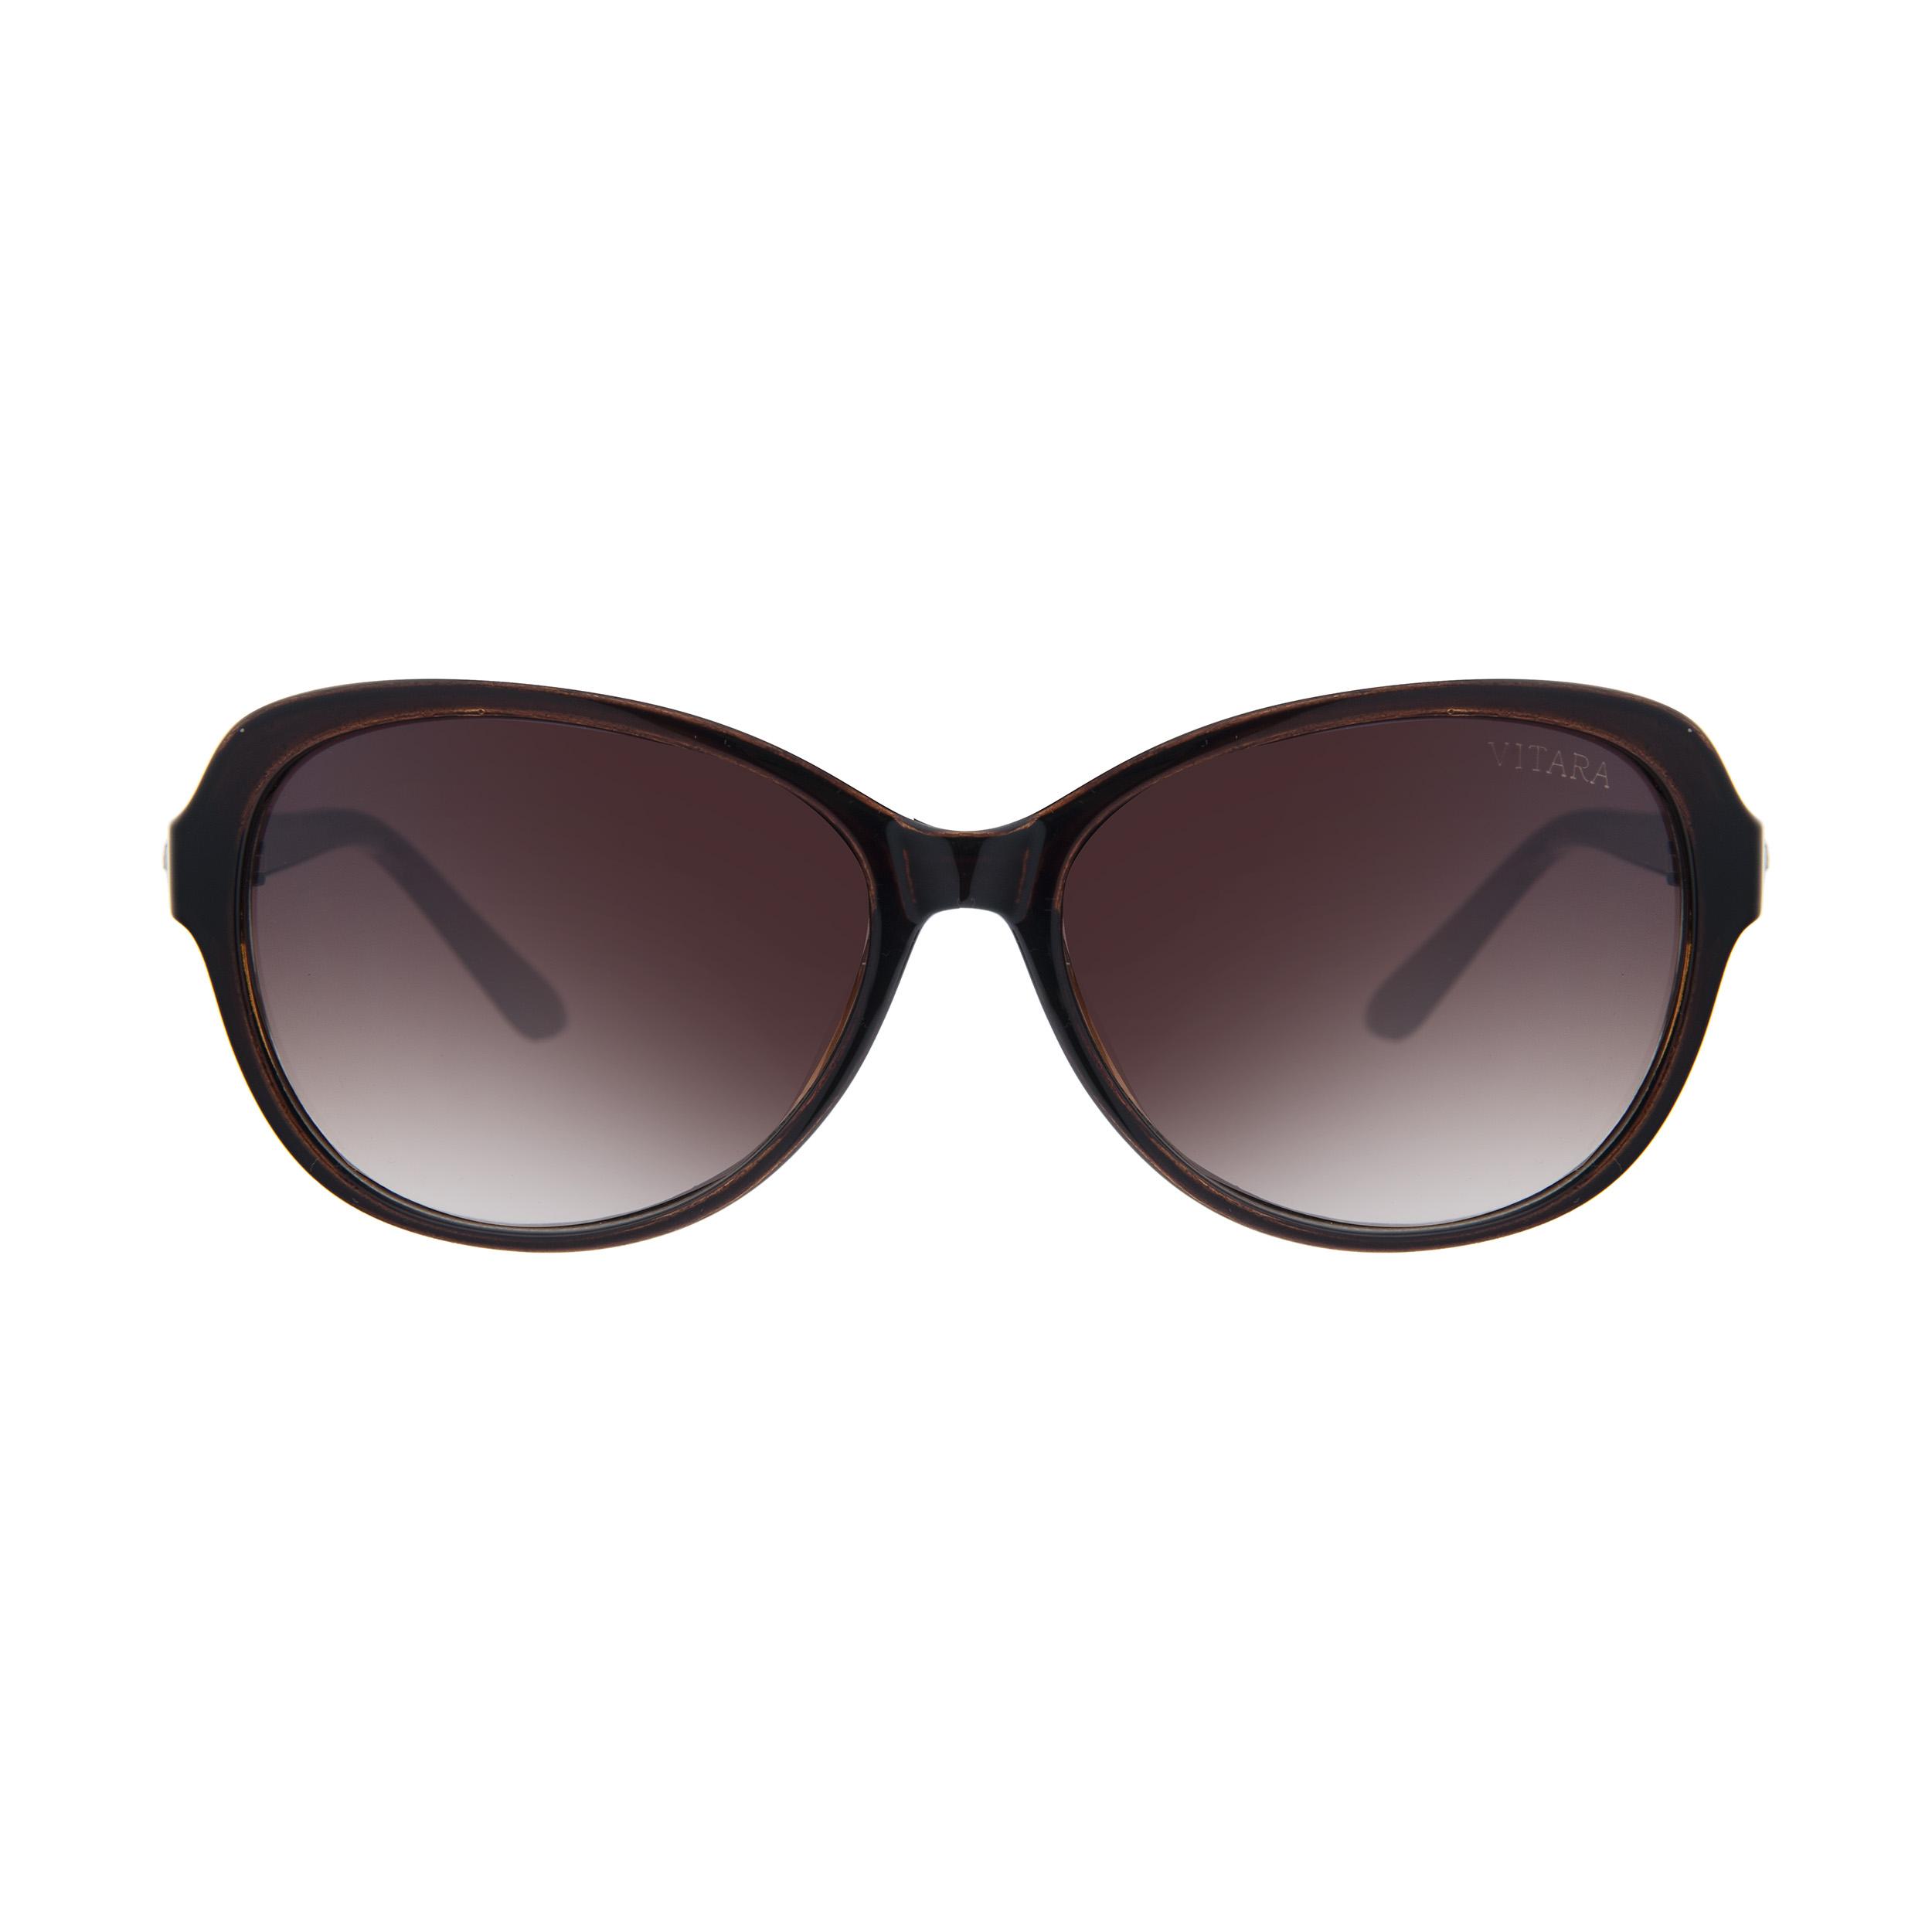 عینک آفتابی زنانه مدل Alunix B31